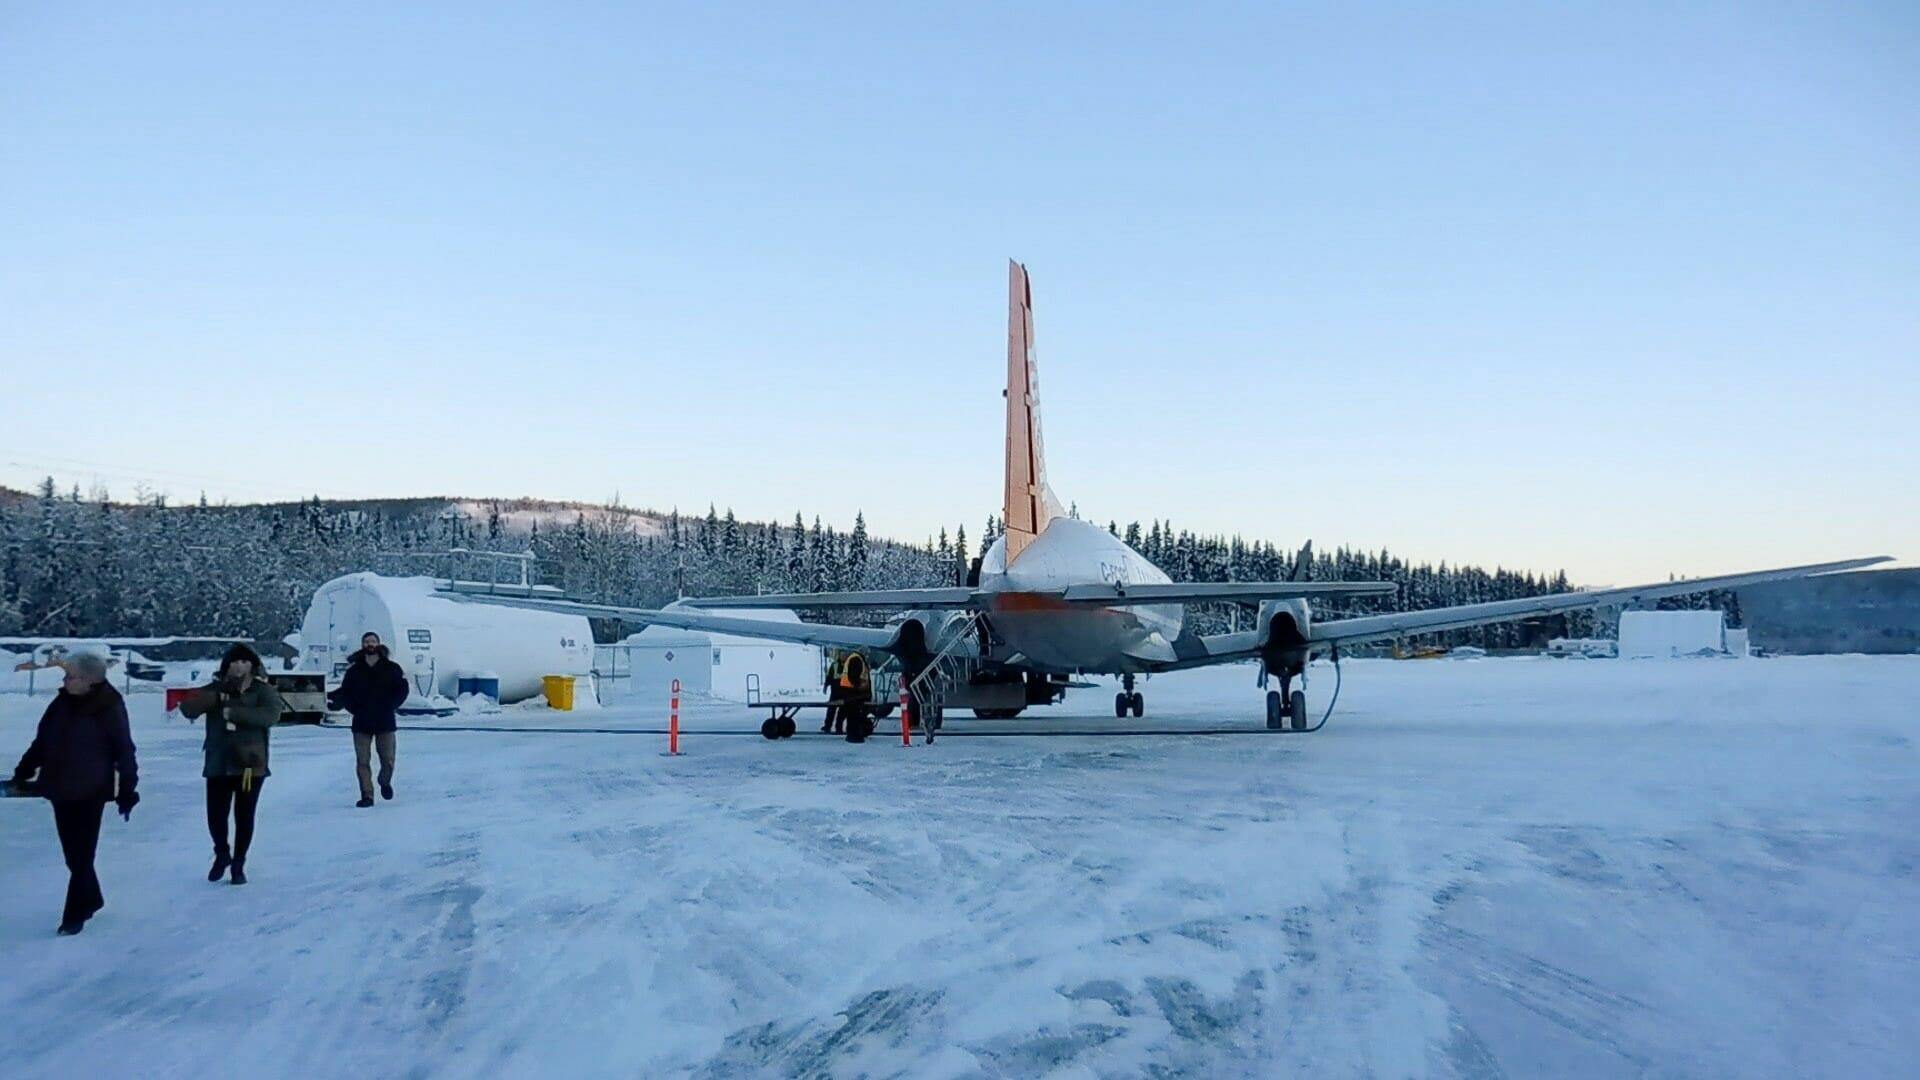 Ankunft am Flughafen in Dawson, Yukon